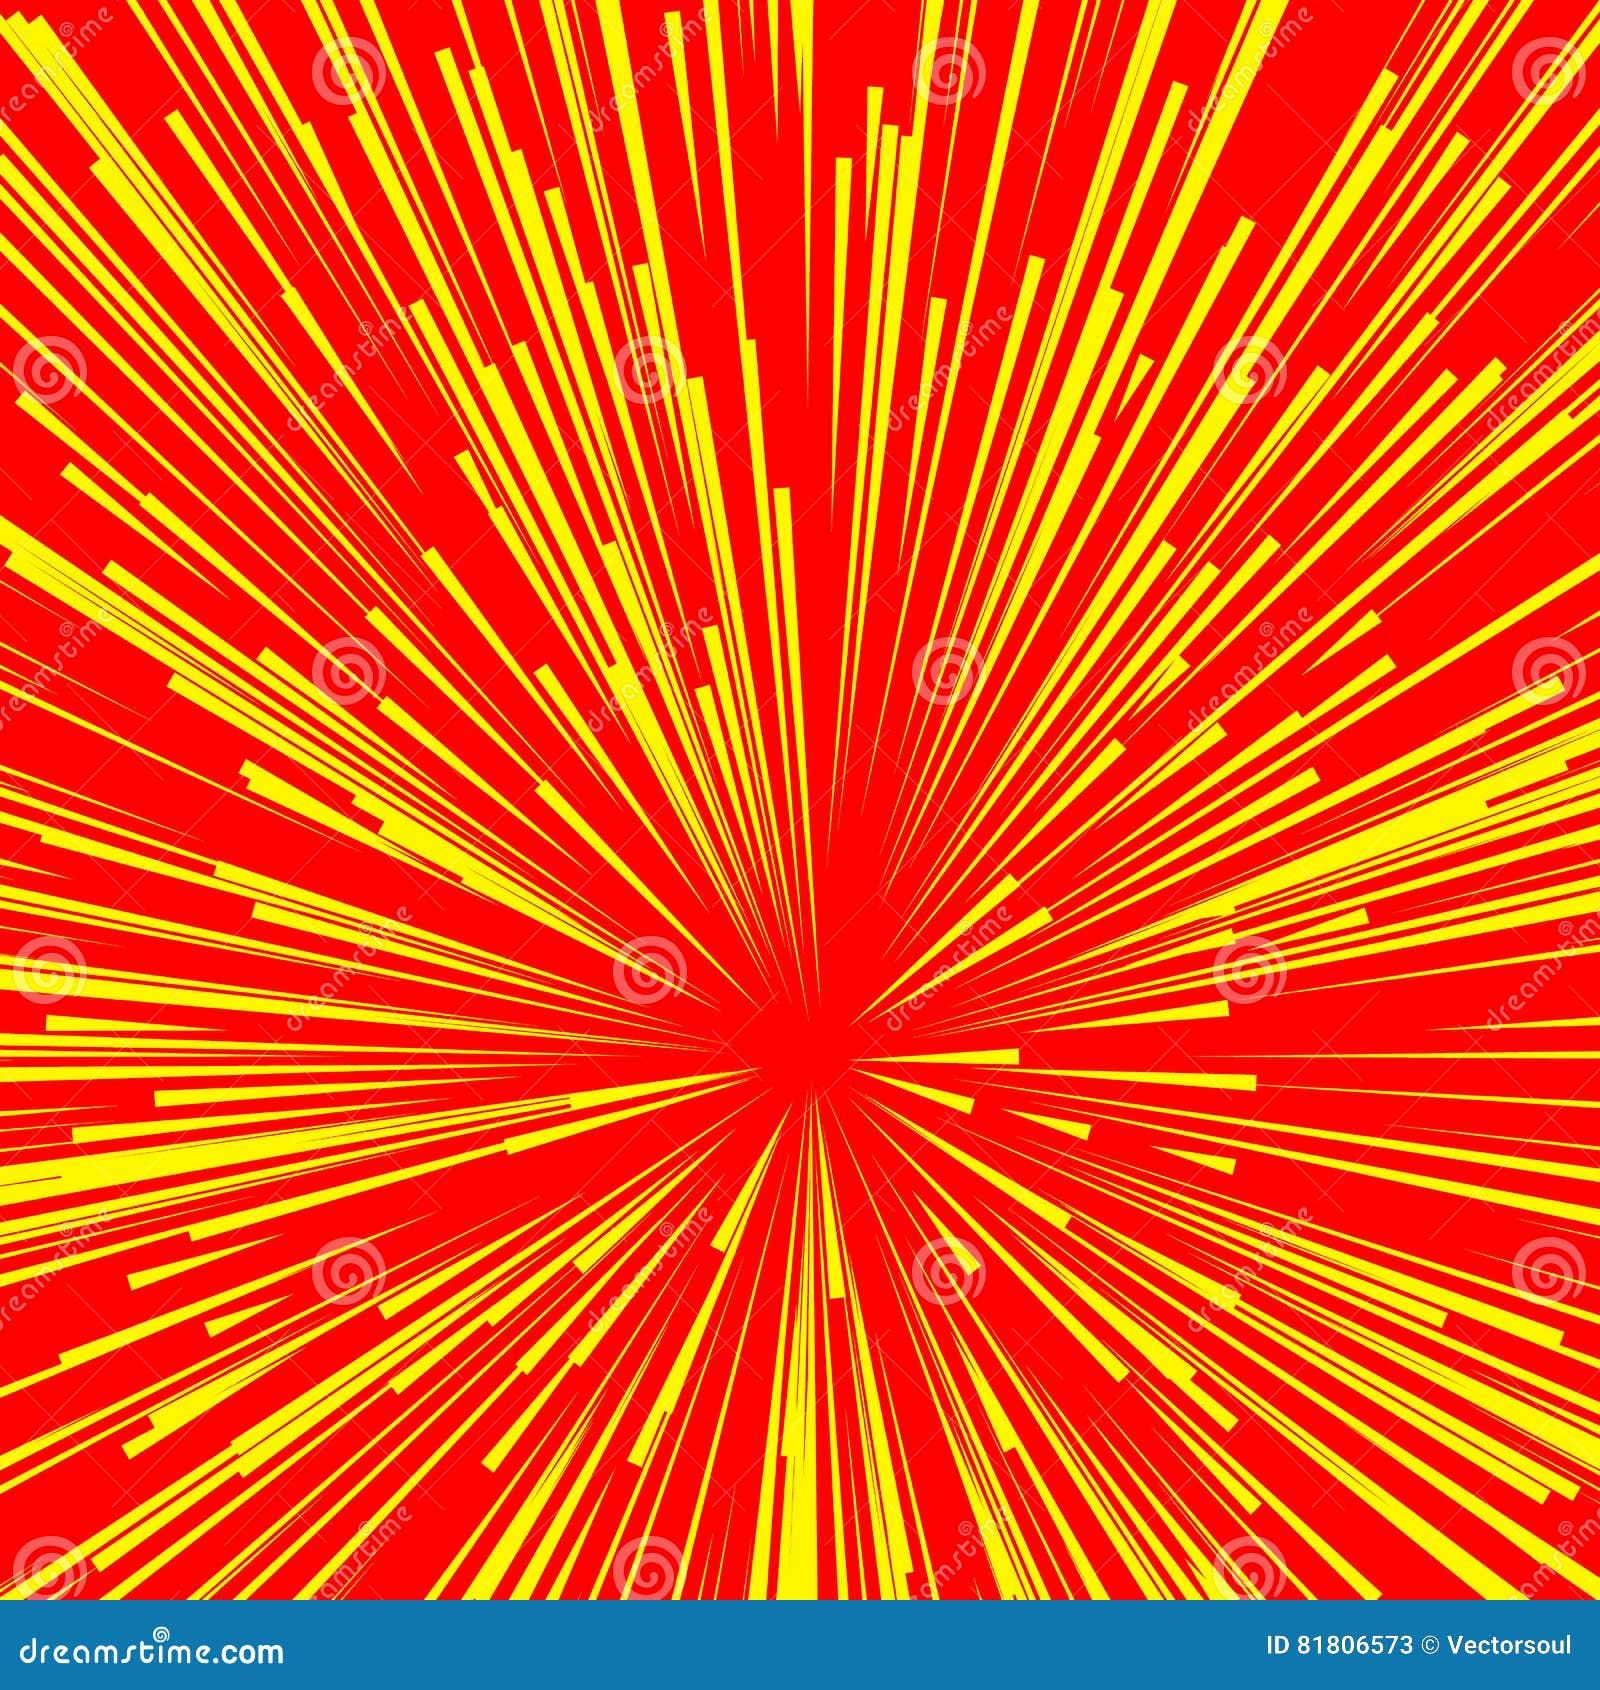 Абстрактный взрыв, взрыв, лучи, лучи, вспышка, яркий блеск, фейерверк